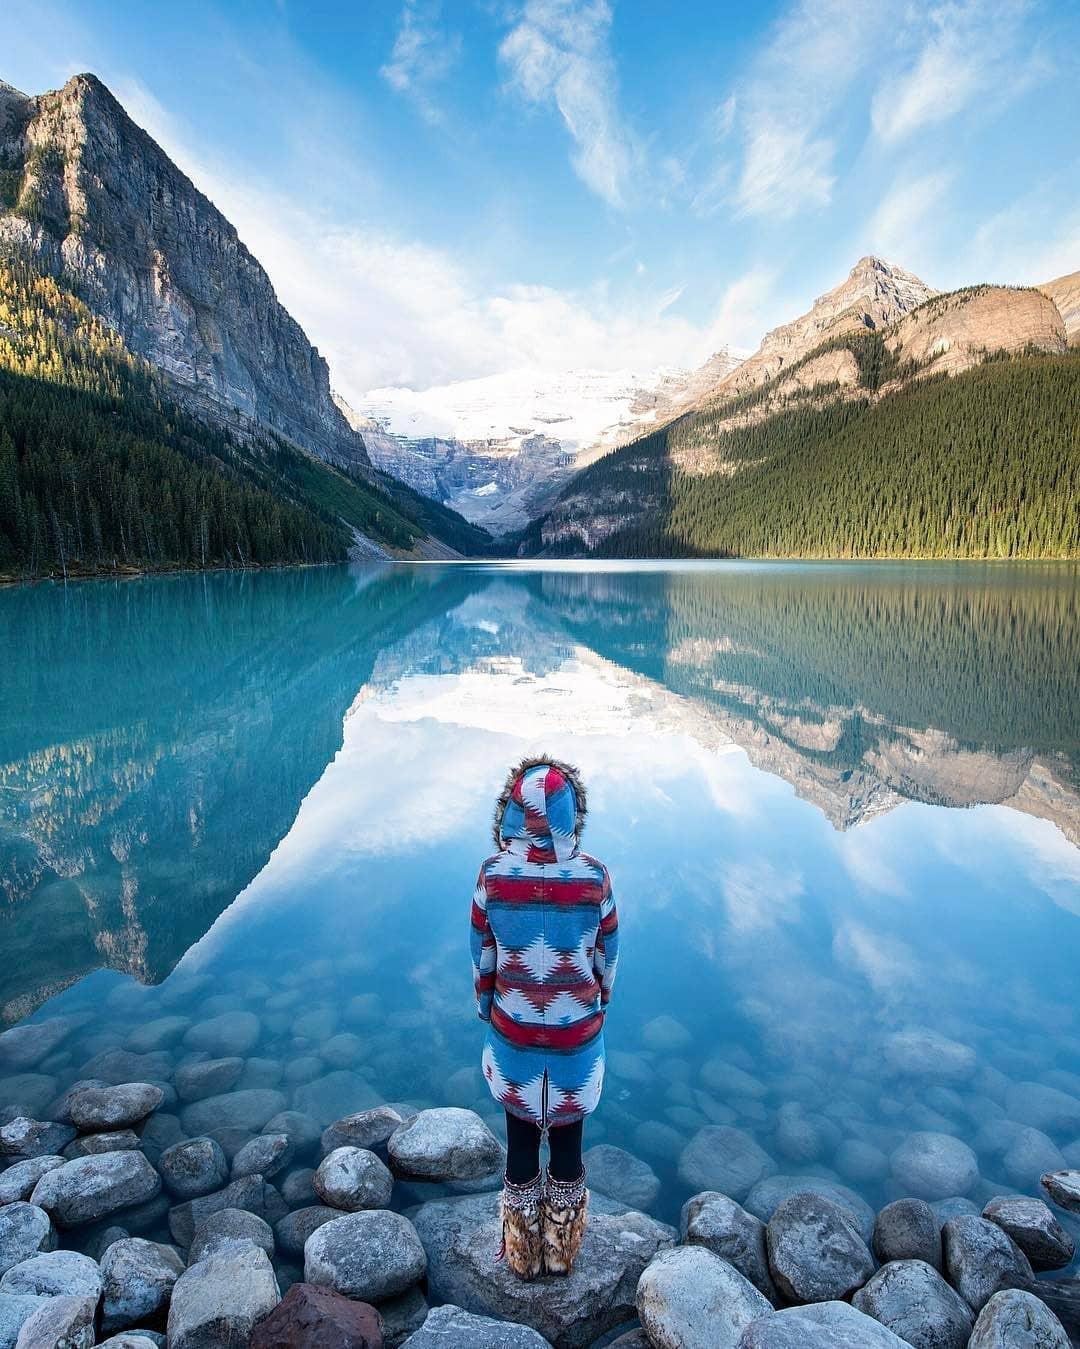 Có gì hay ở hồ nước màu xanh ngọc bích được mệnh danh là thiên đường trần gian ở Canada? - Ảnh 5.